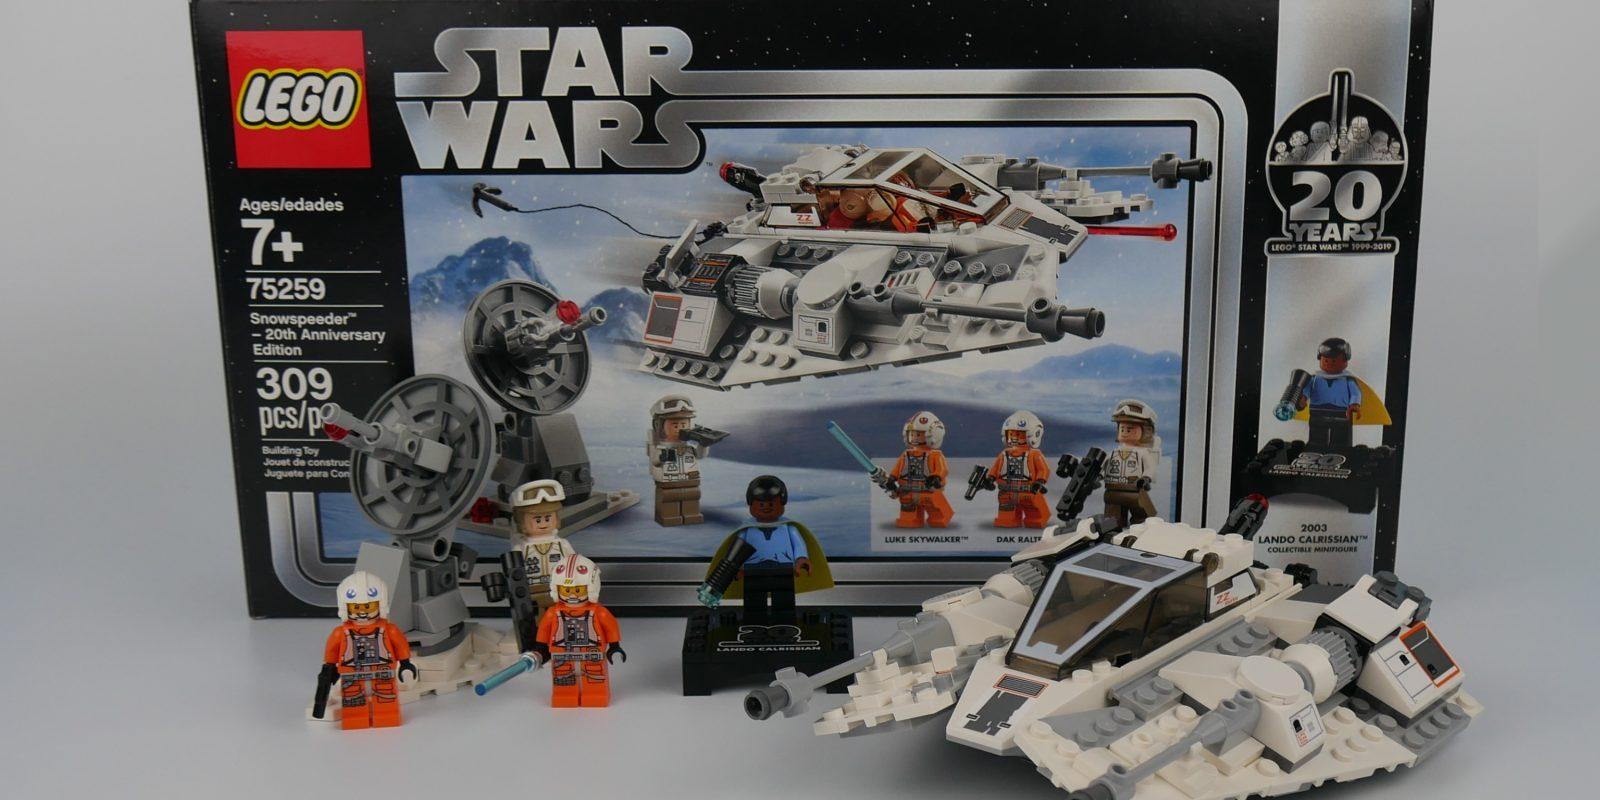 LEGO 20th Anniversary Snowspeeder - brick-built nostolgia - 9to5Toys